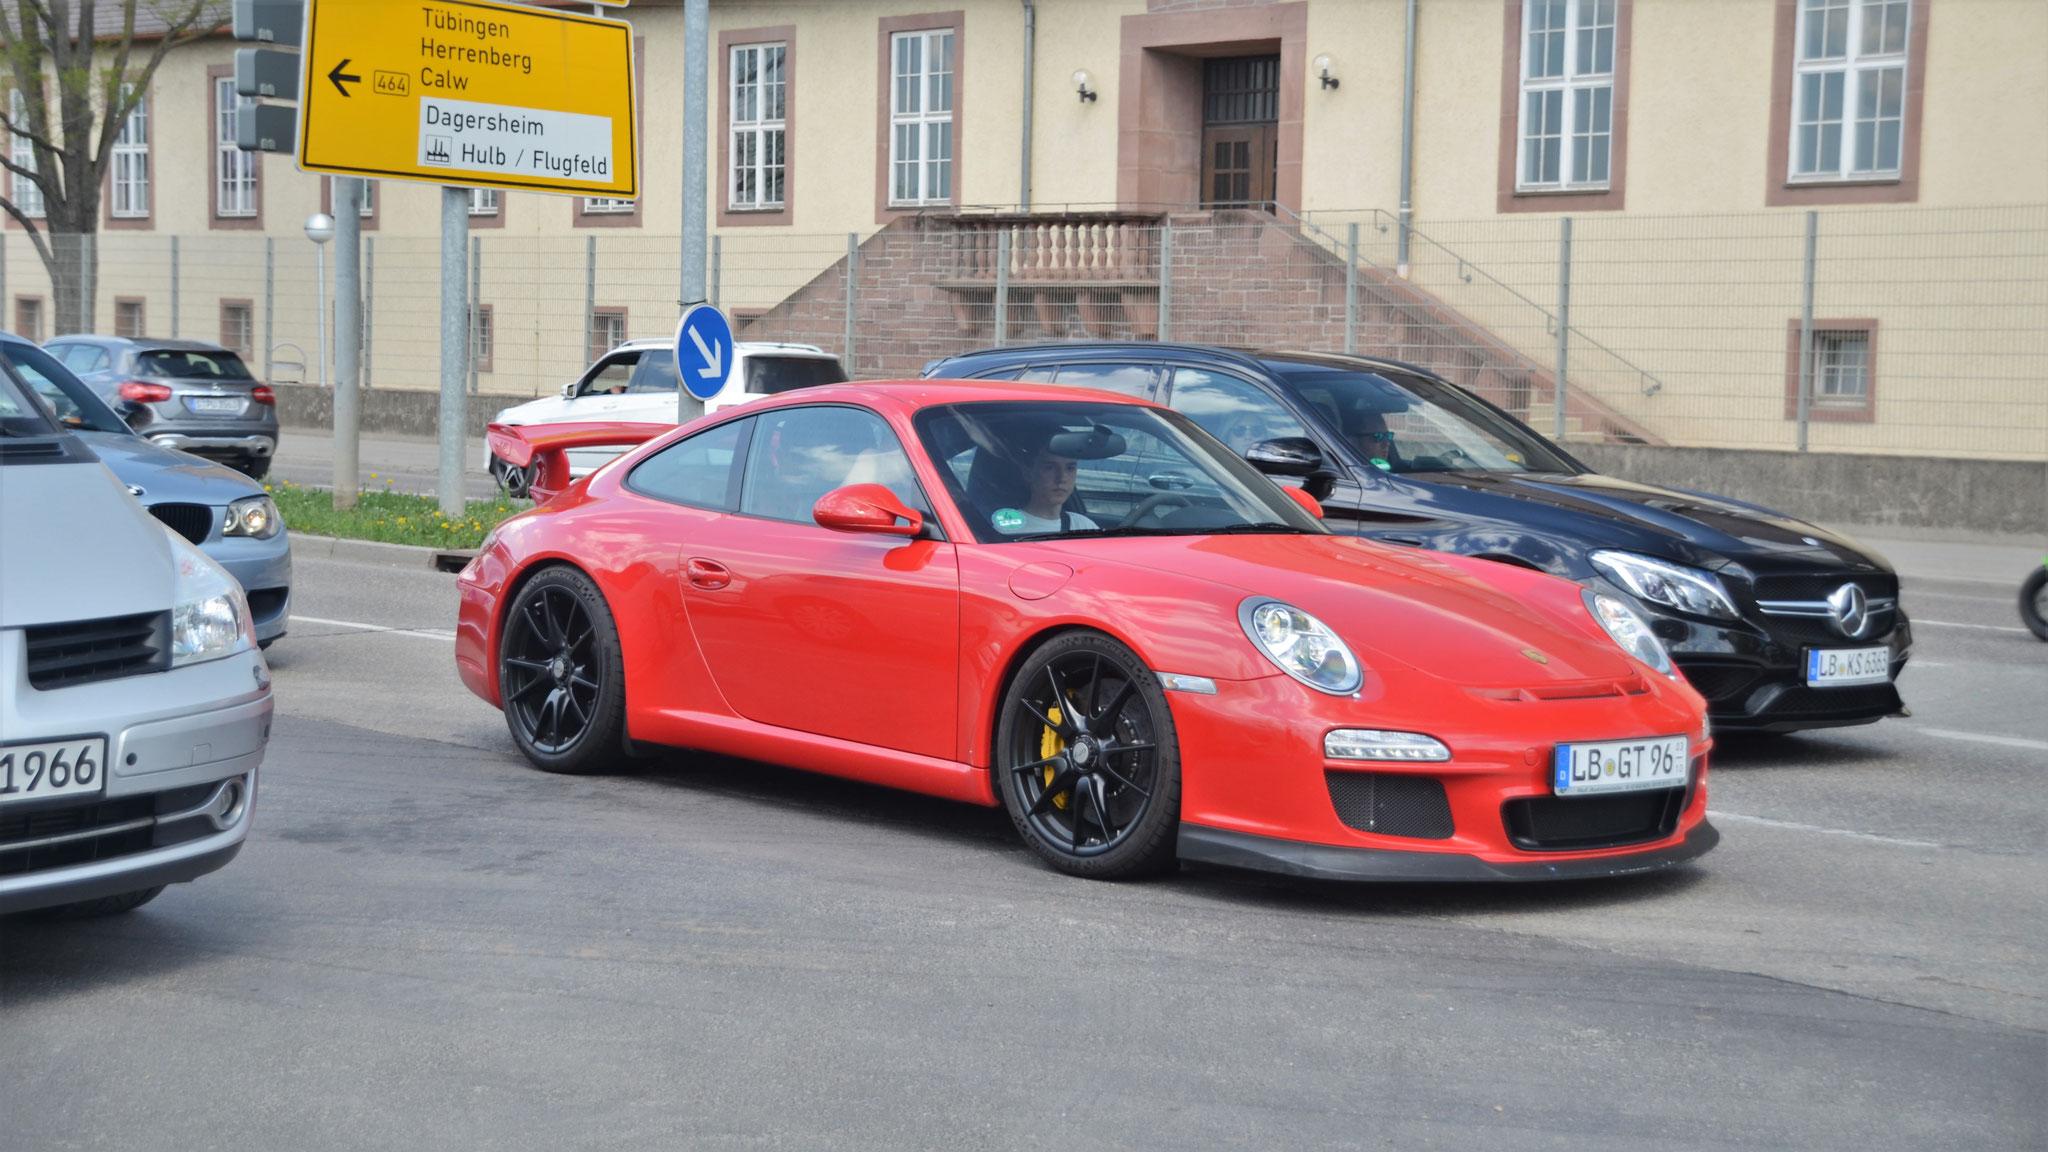 Porsche GT3 997 - LB-GT-96